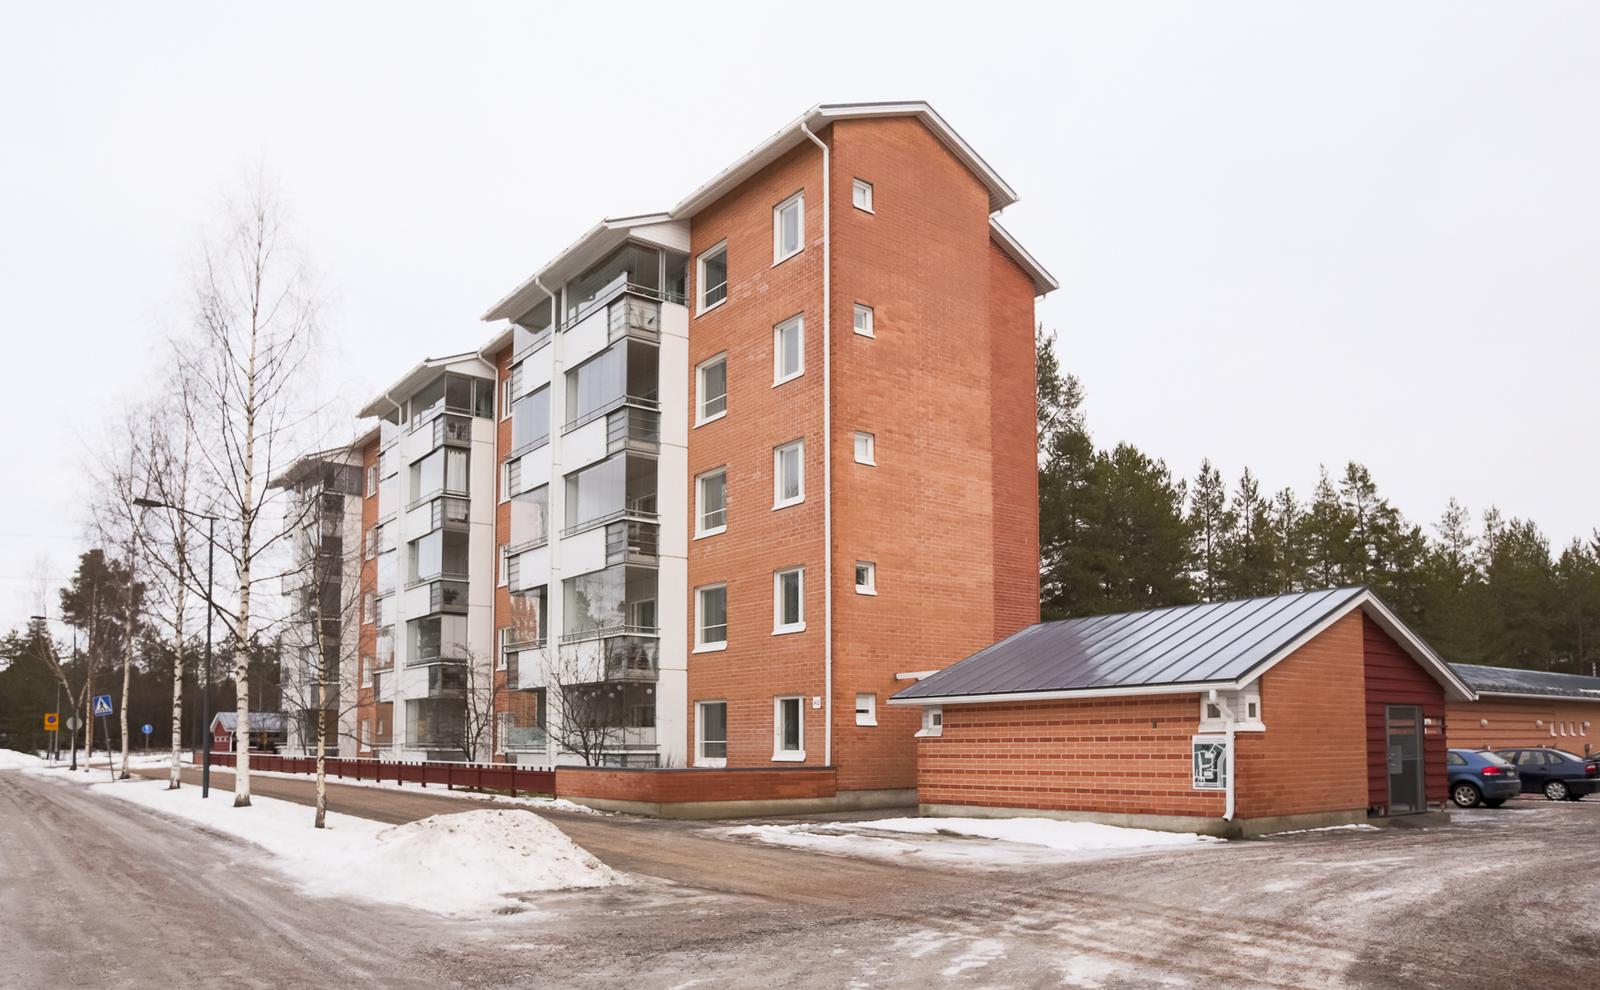 Hiironen, Oulu